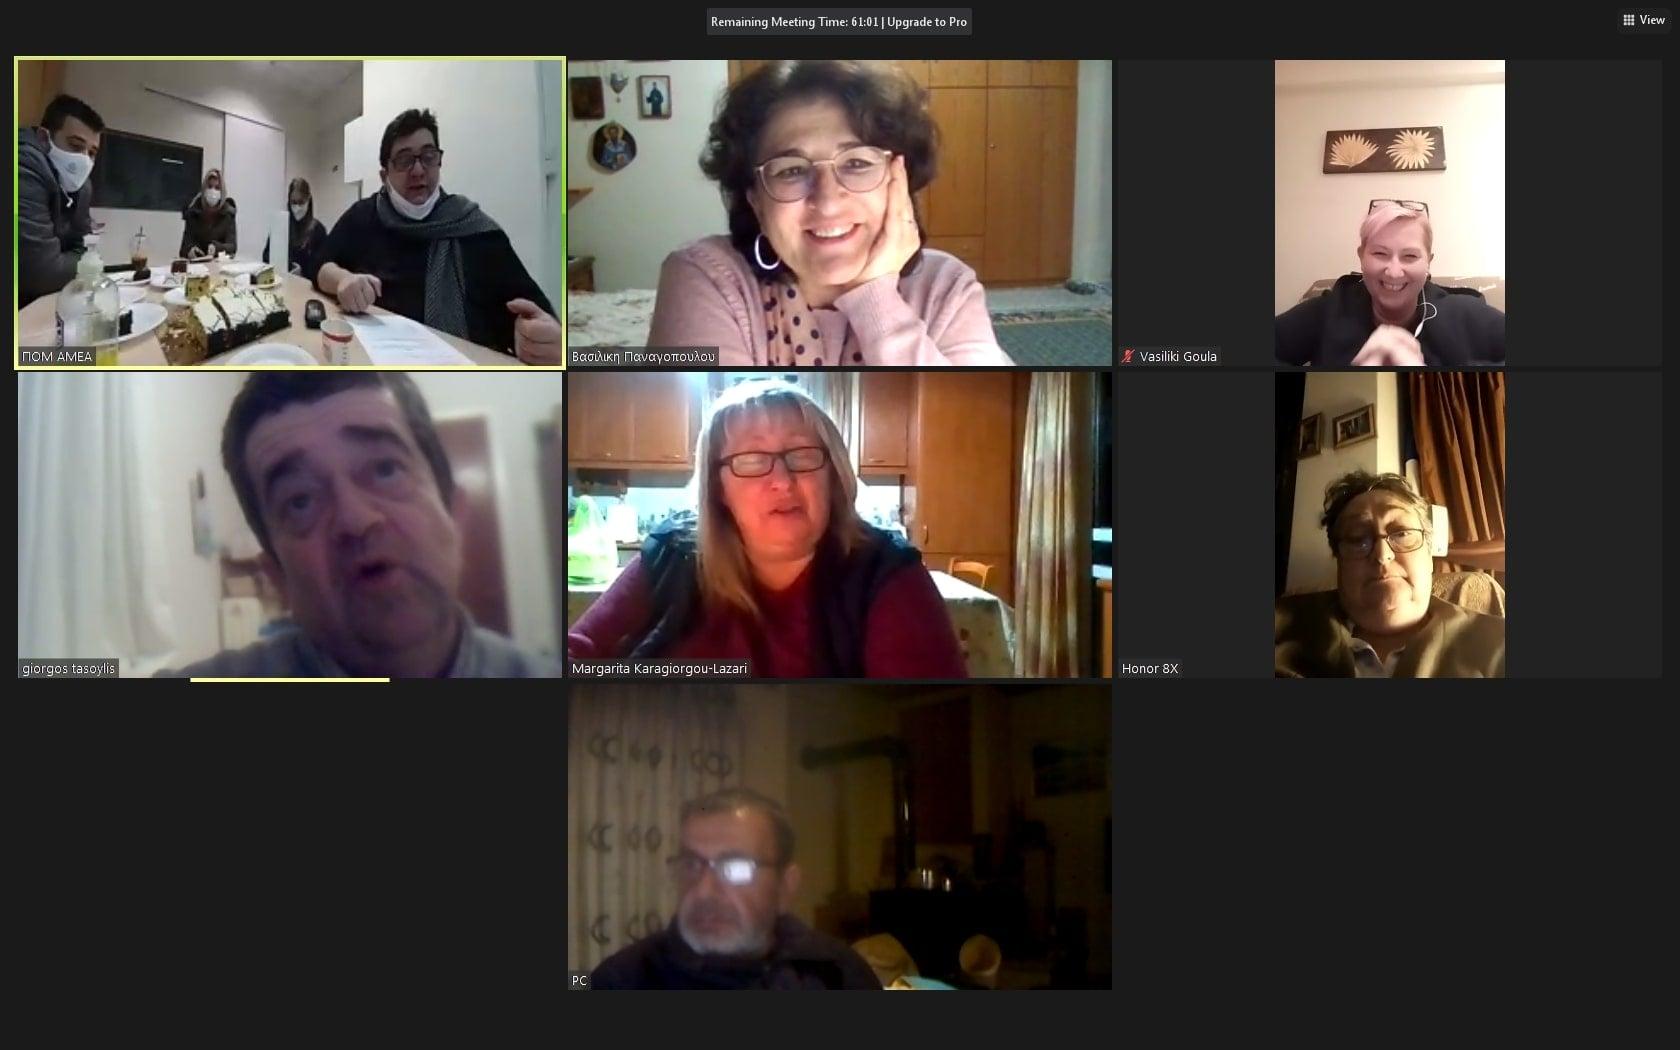 ΔΕΛΤΙΟ ΤΥΠΟΥ: Κοπή Πρωτοχρονιάτικης Βασιλόπιτας & Πρώτη Συνεδρίαση Διοικητικού Συμβουλίου για το έτος 2021